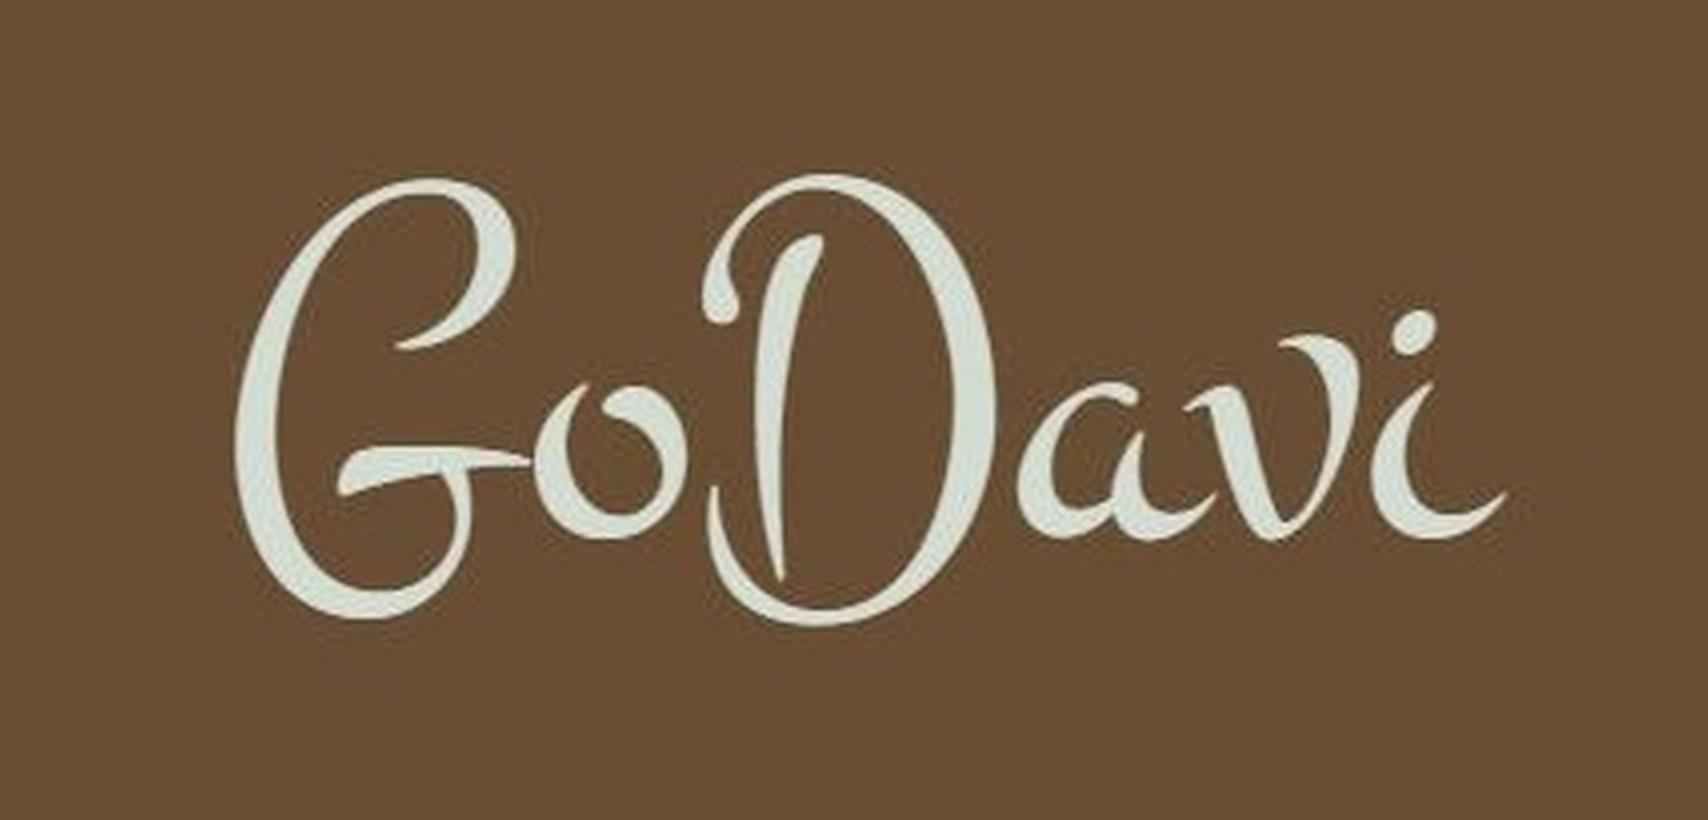 Godavi Construcción y Topografía de Durango